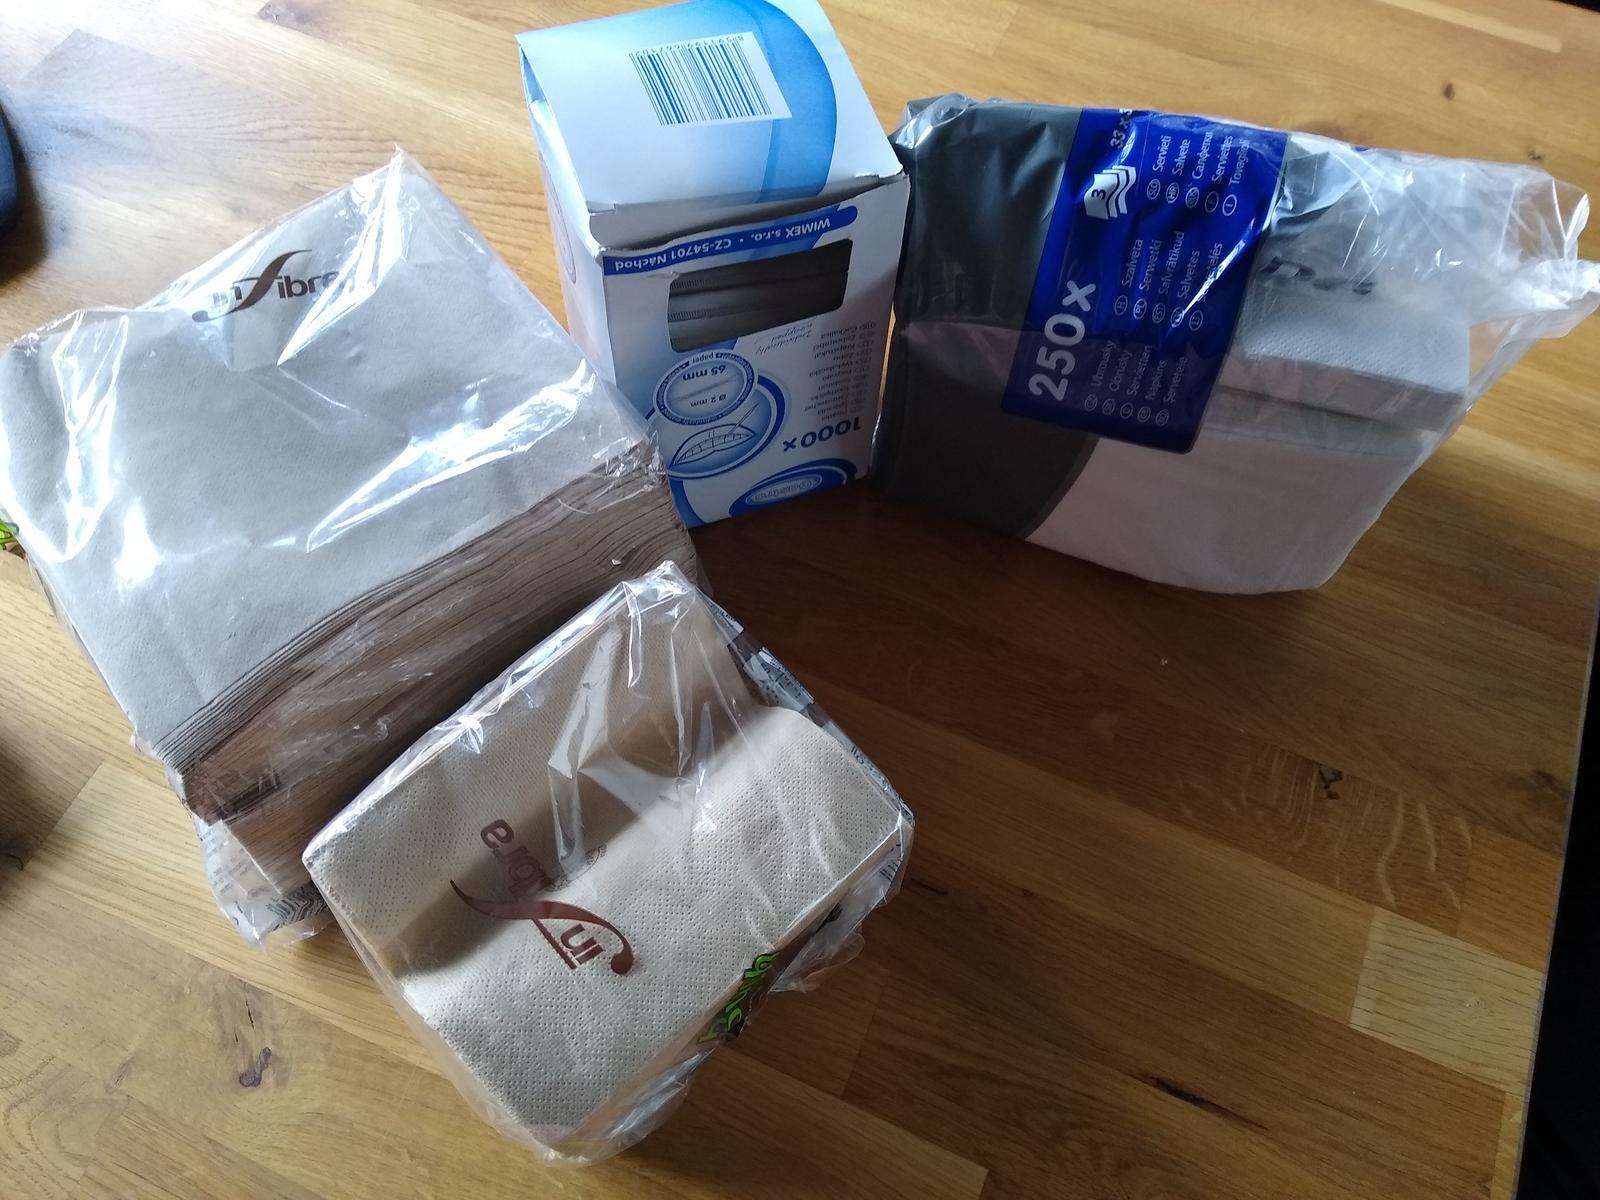 Ubrousky 300 ks bílé a hnědé, párátka cca 800 ks, talíře 40 ks, nové - Obrázek č. 1